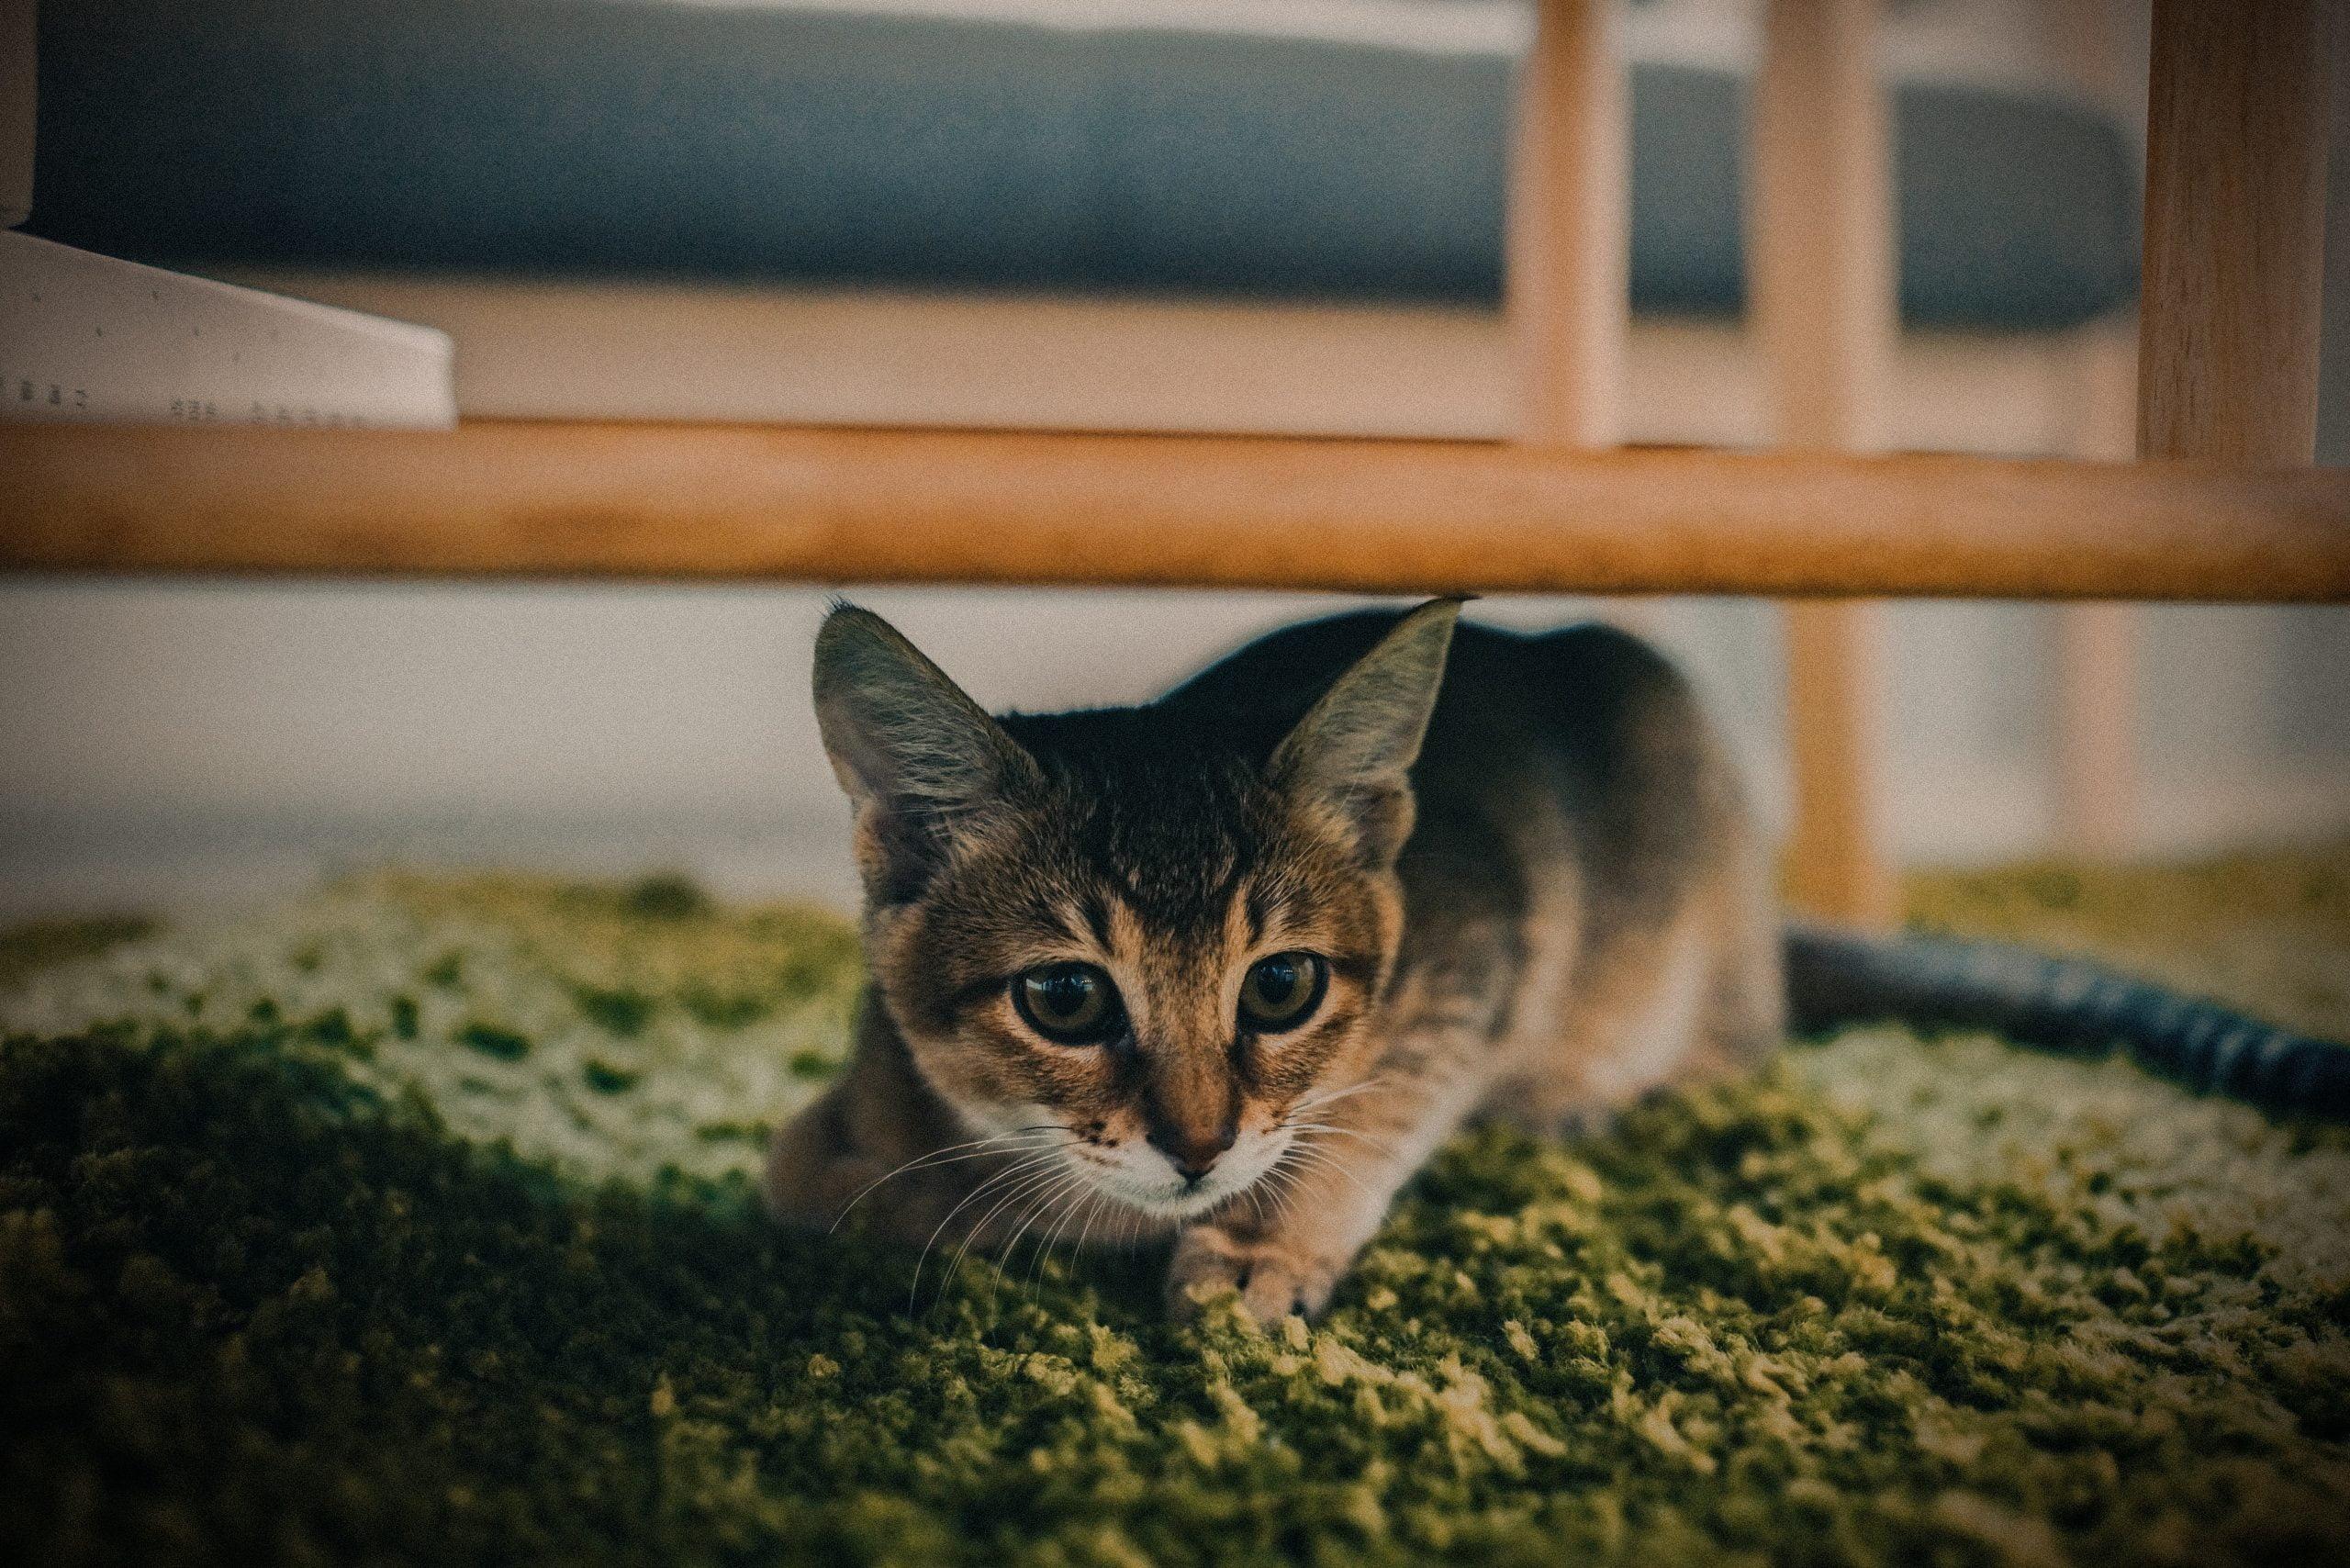 Cómo evitar que un gato cague en la alfombra 1